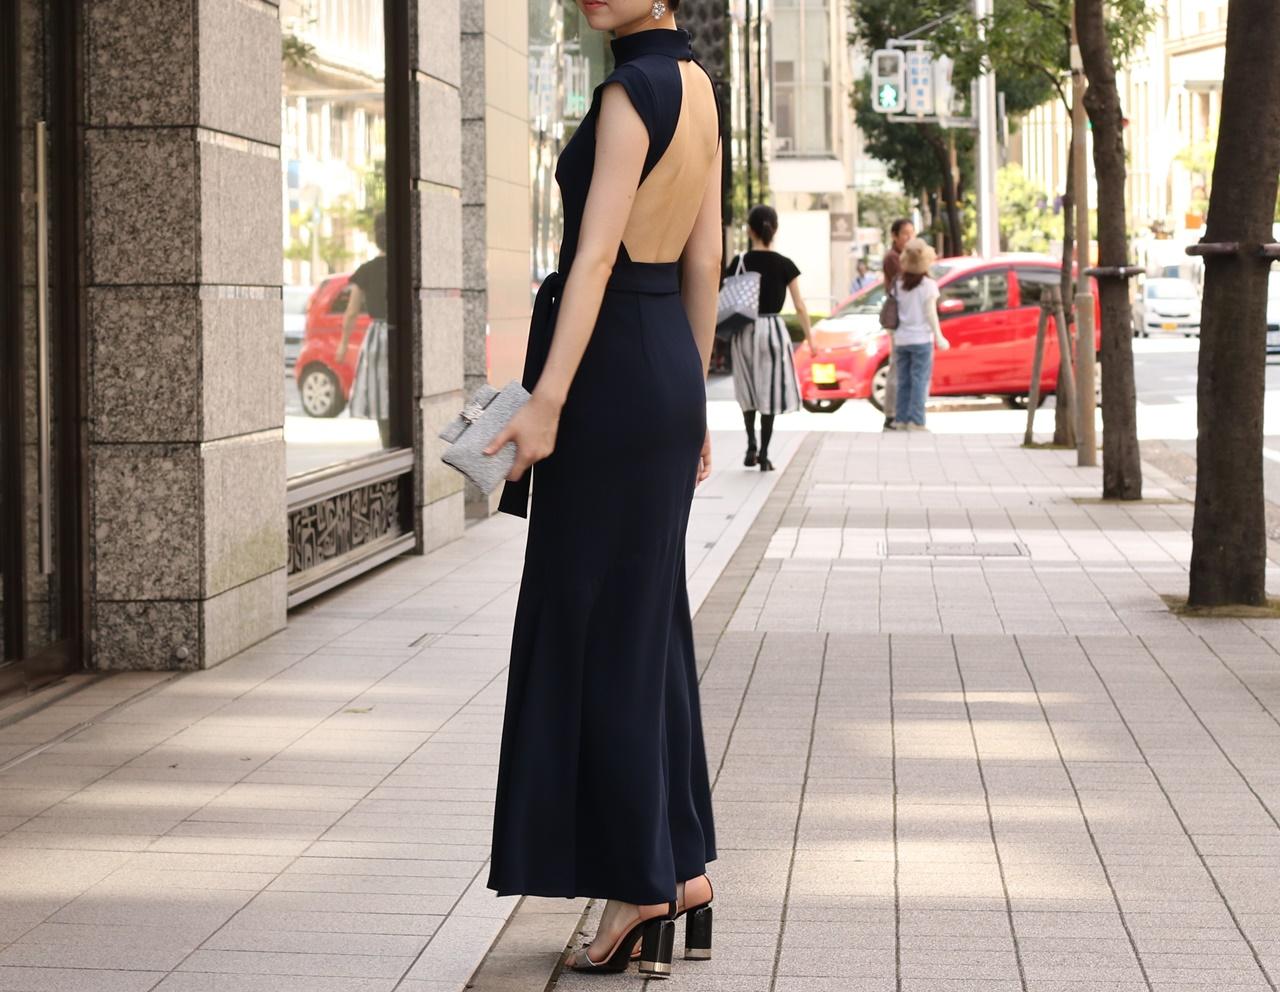 紺色のハイネックのオープンバッグのロングドレスは骨格ストレートの方におすすめのレンタルドレス